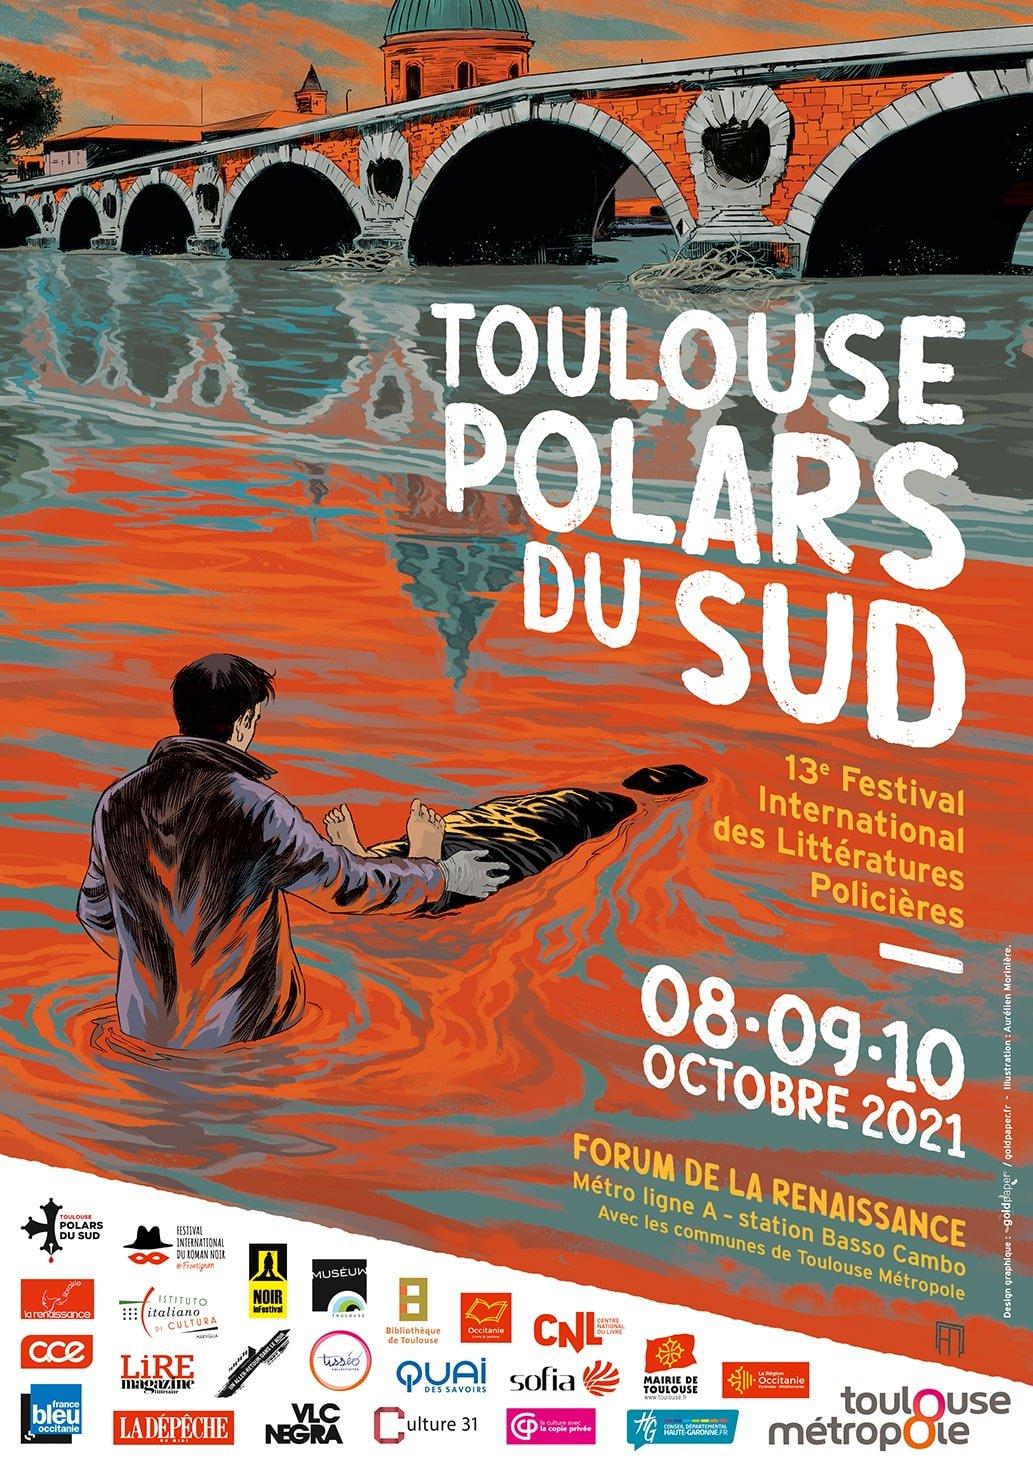 Toulouse Polars du Sud 2021